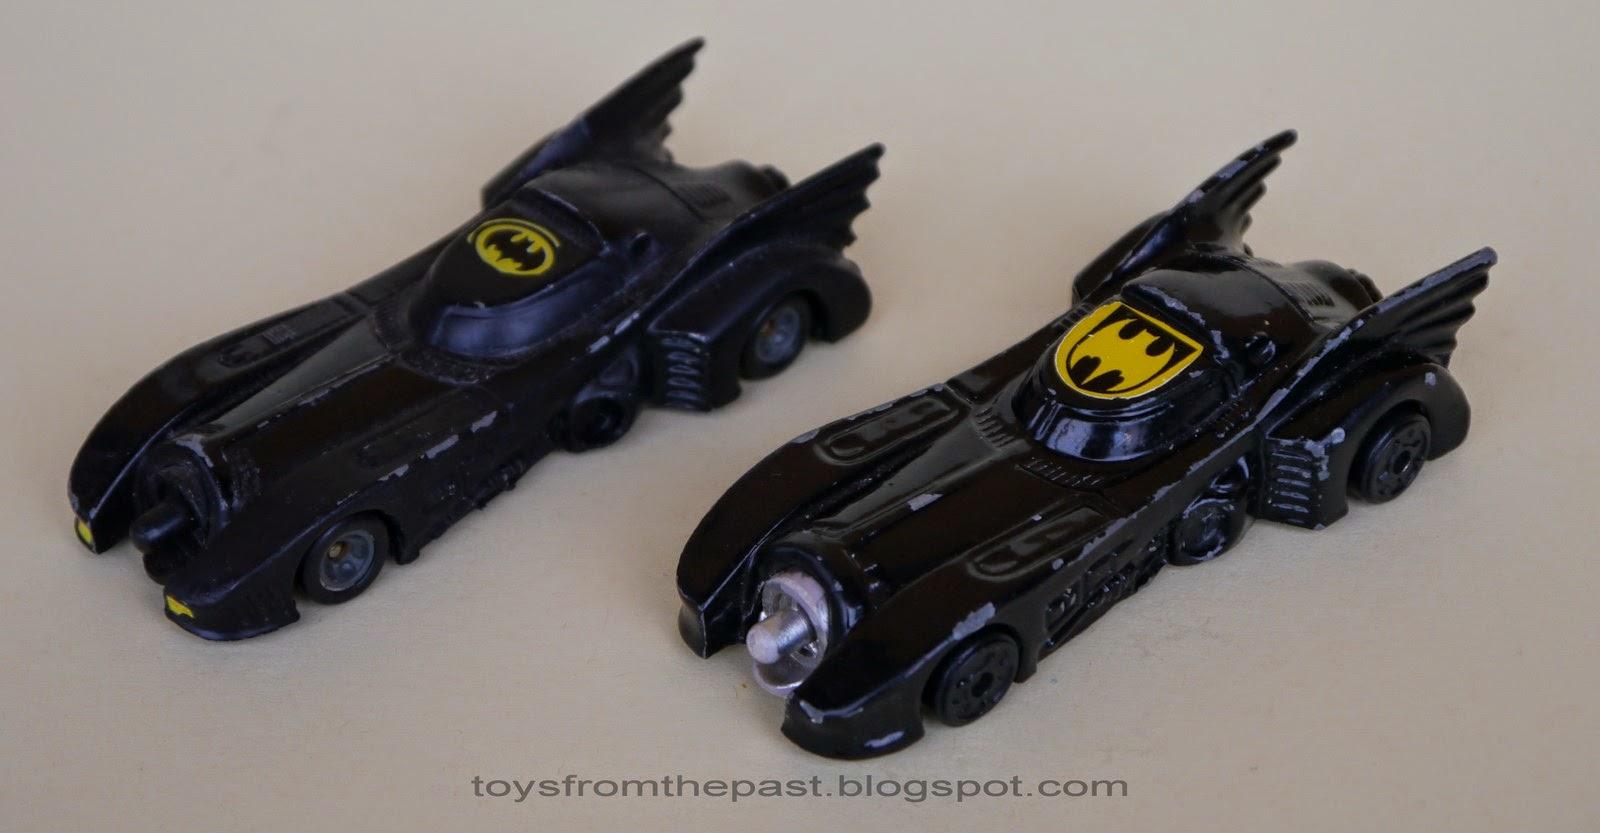 Toys from the Past: #302 ERTL/ METALCAR – BATMOBILE (1989)